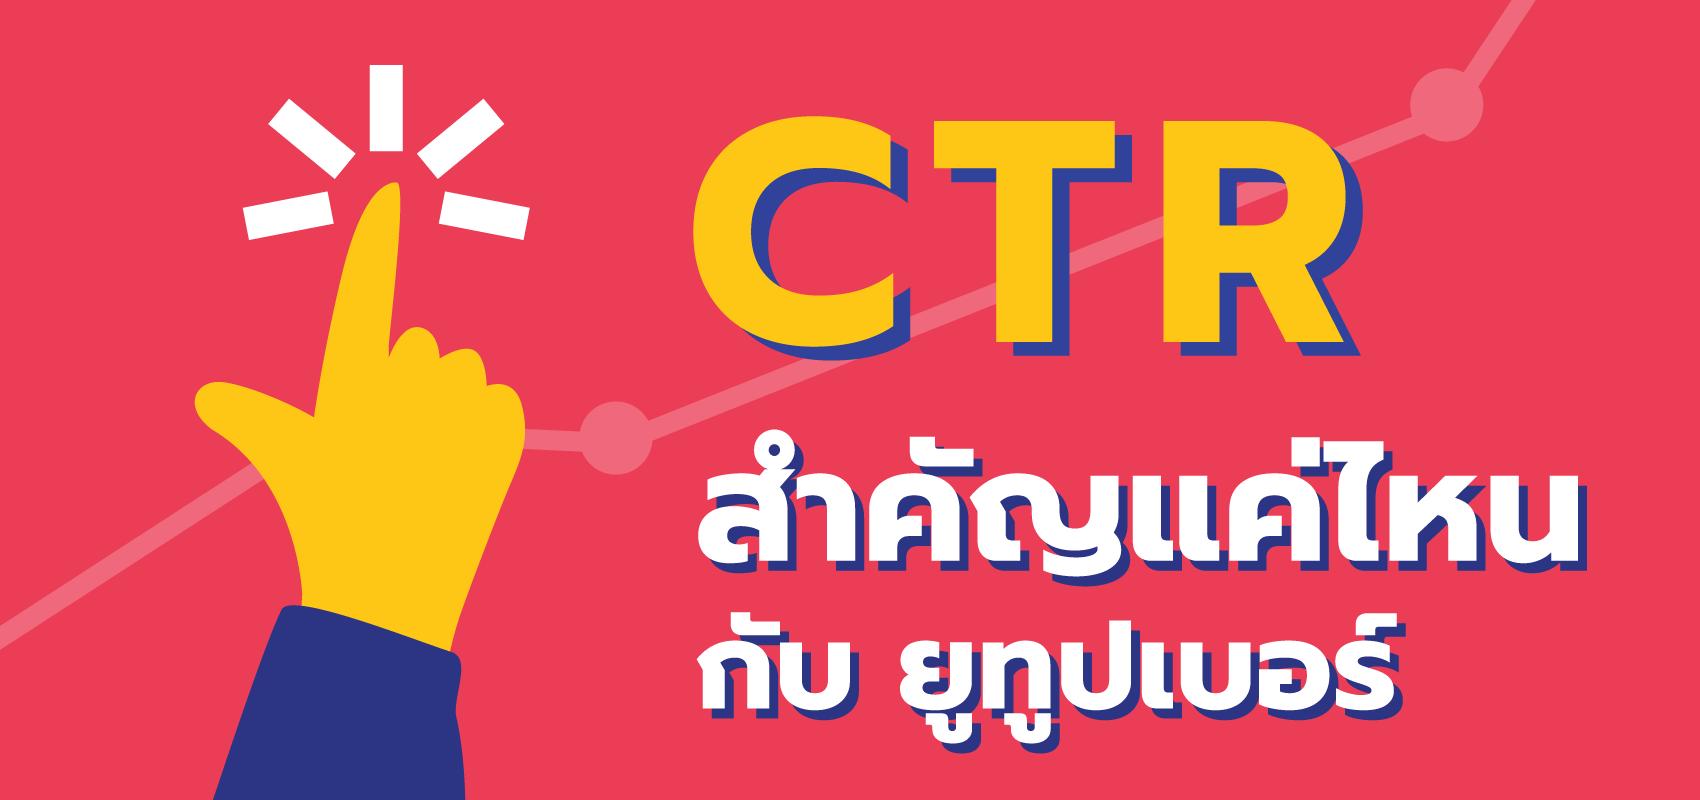 ค่า ctr คืออะไร